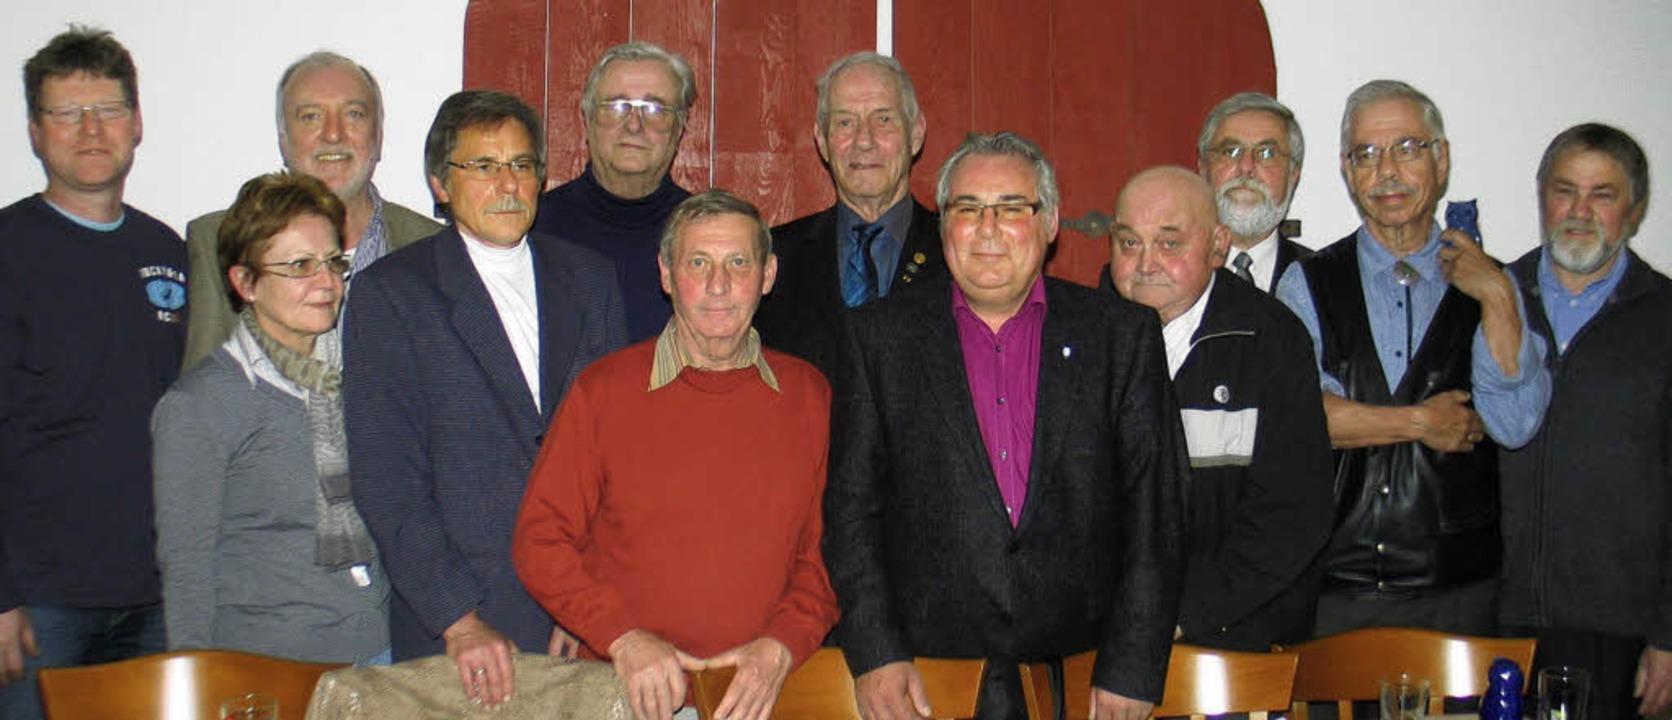 Gründungsmitglieder und Mitglieder, di...5 Jahre Mitgliedschaft geehrt wurden.   | Foto: Helmut Hassler